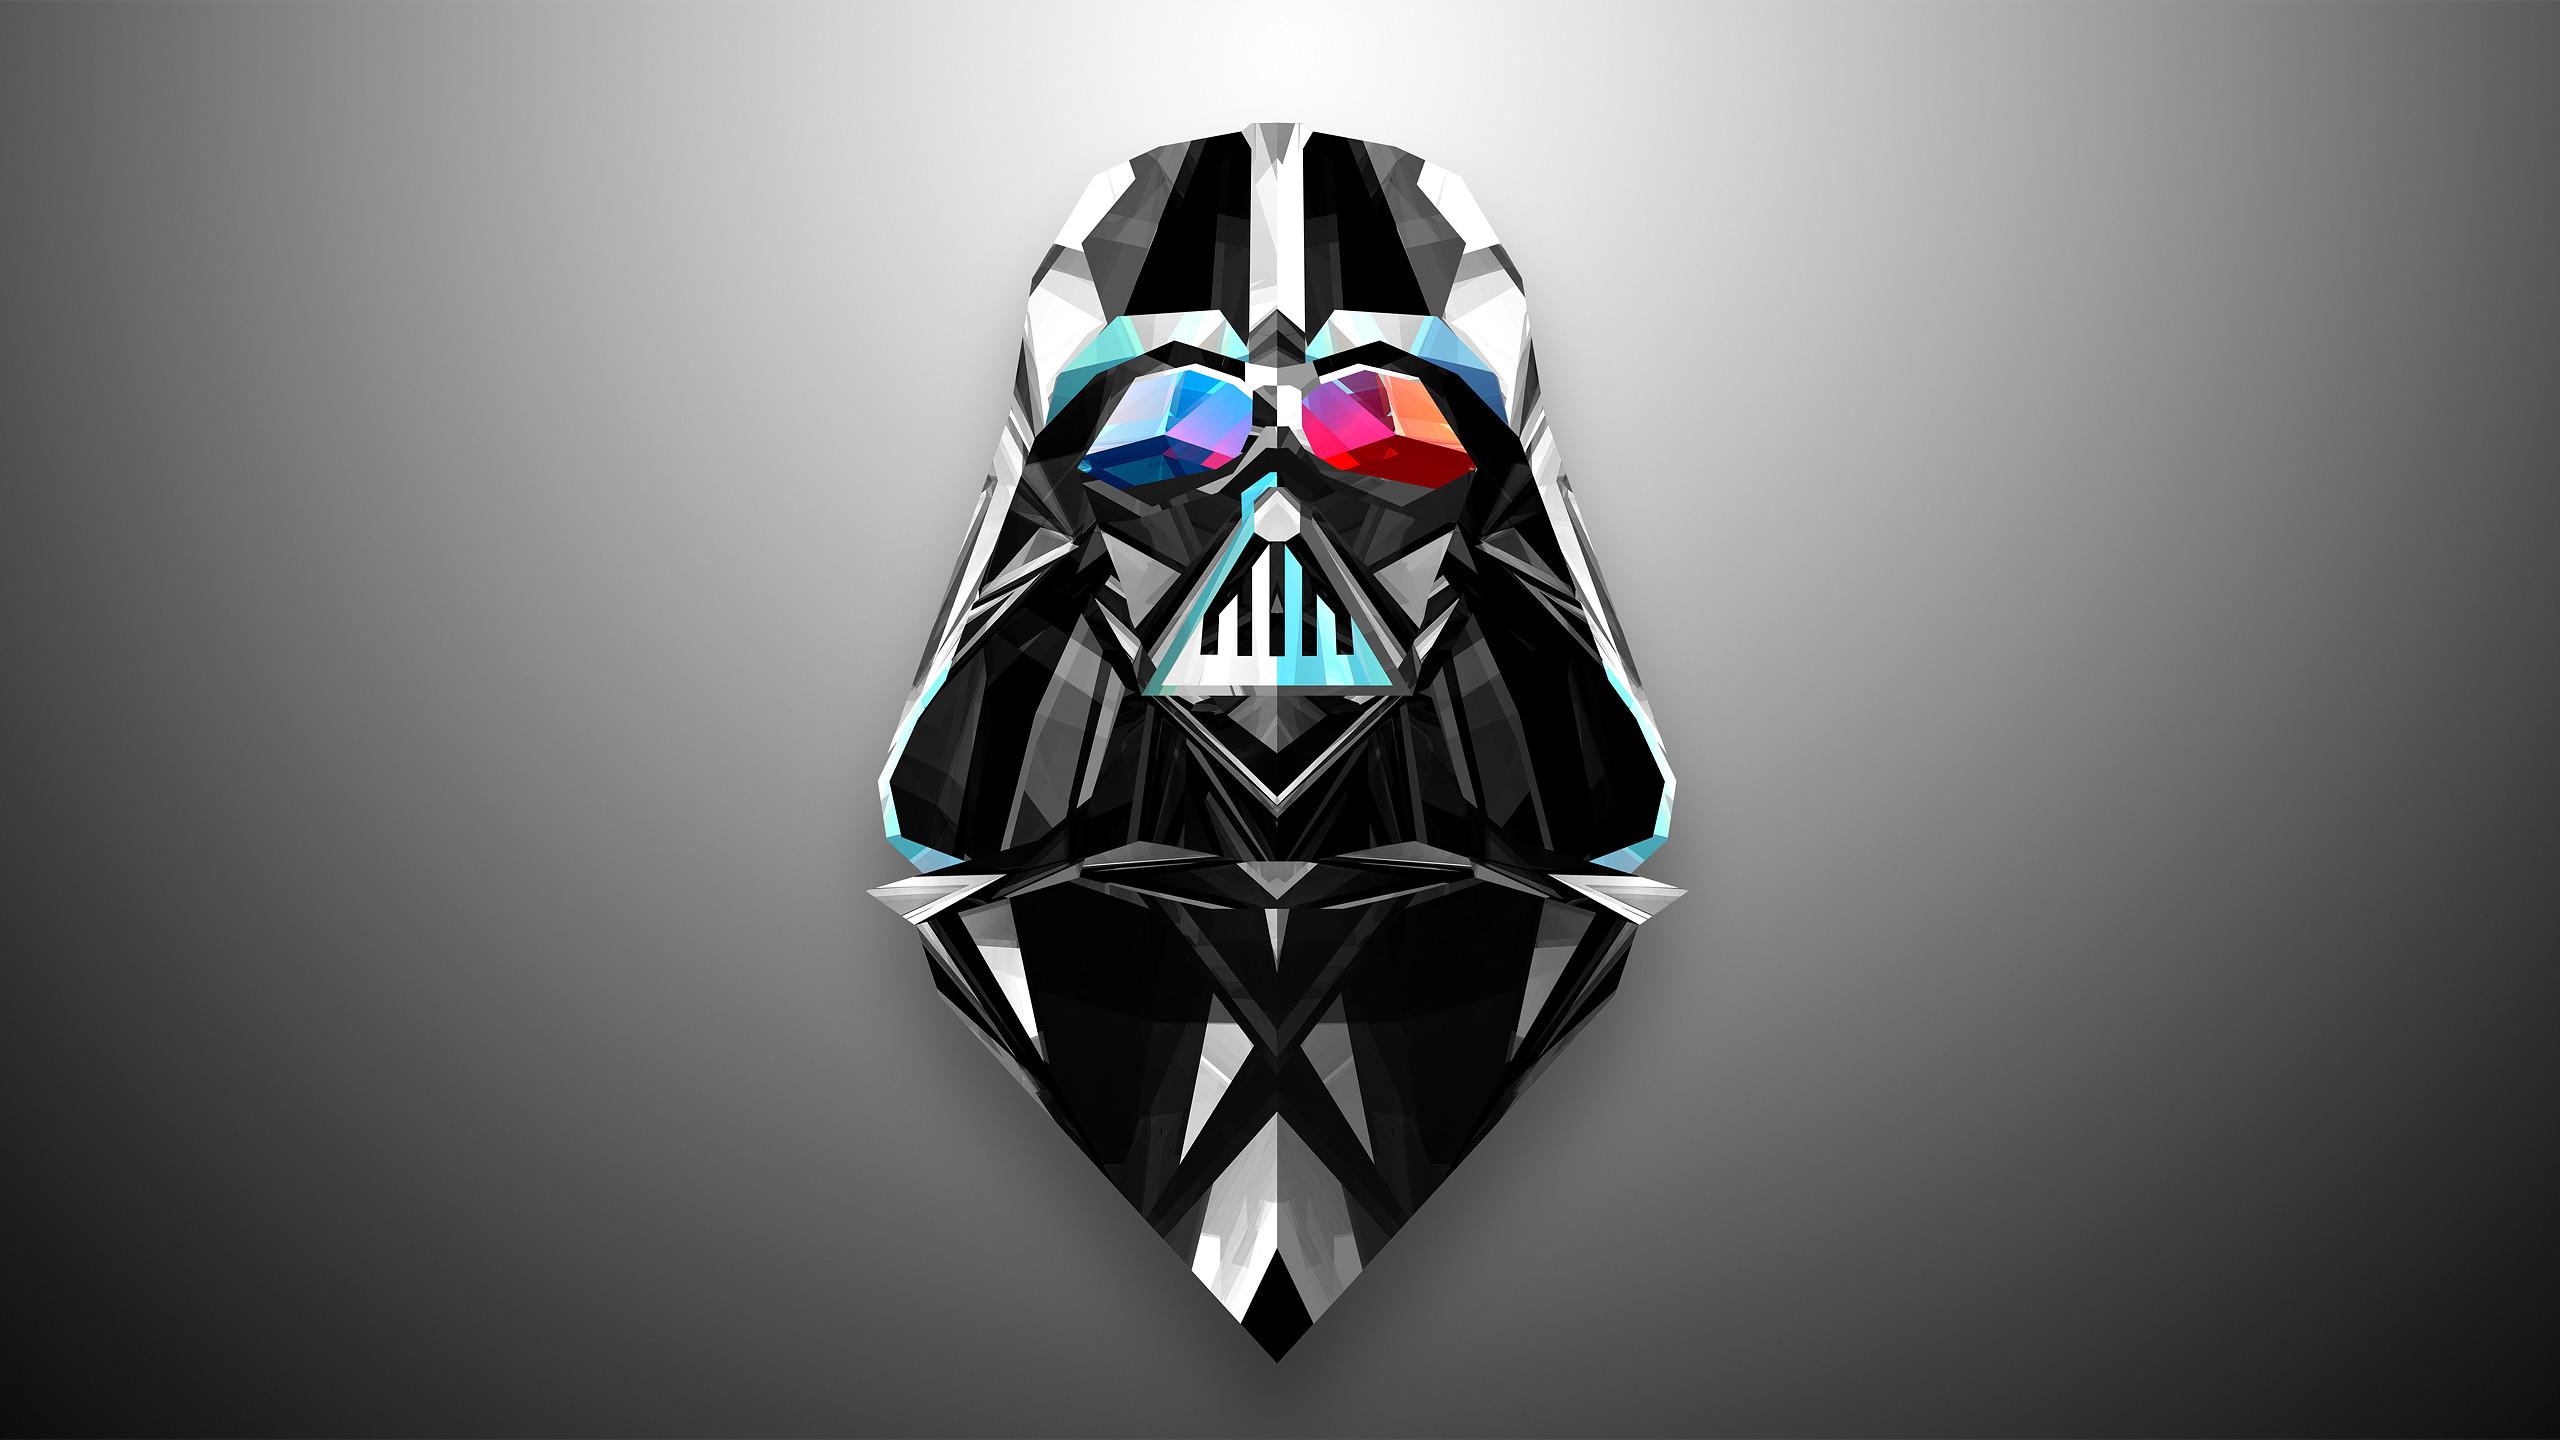 Star-wars-darth-vader-free-wallpaper